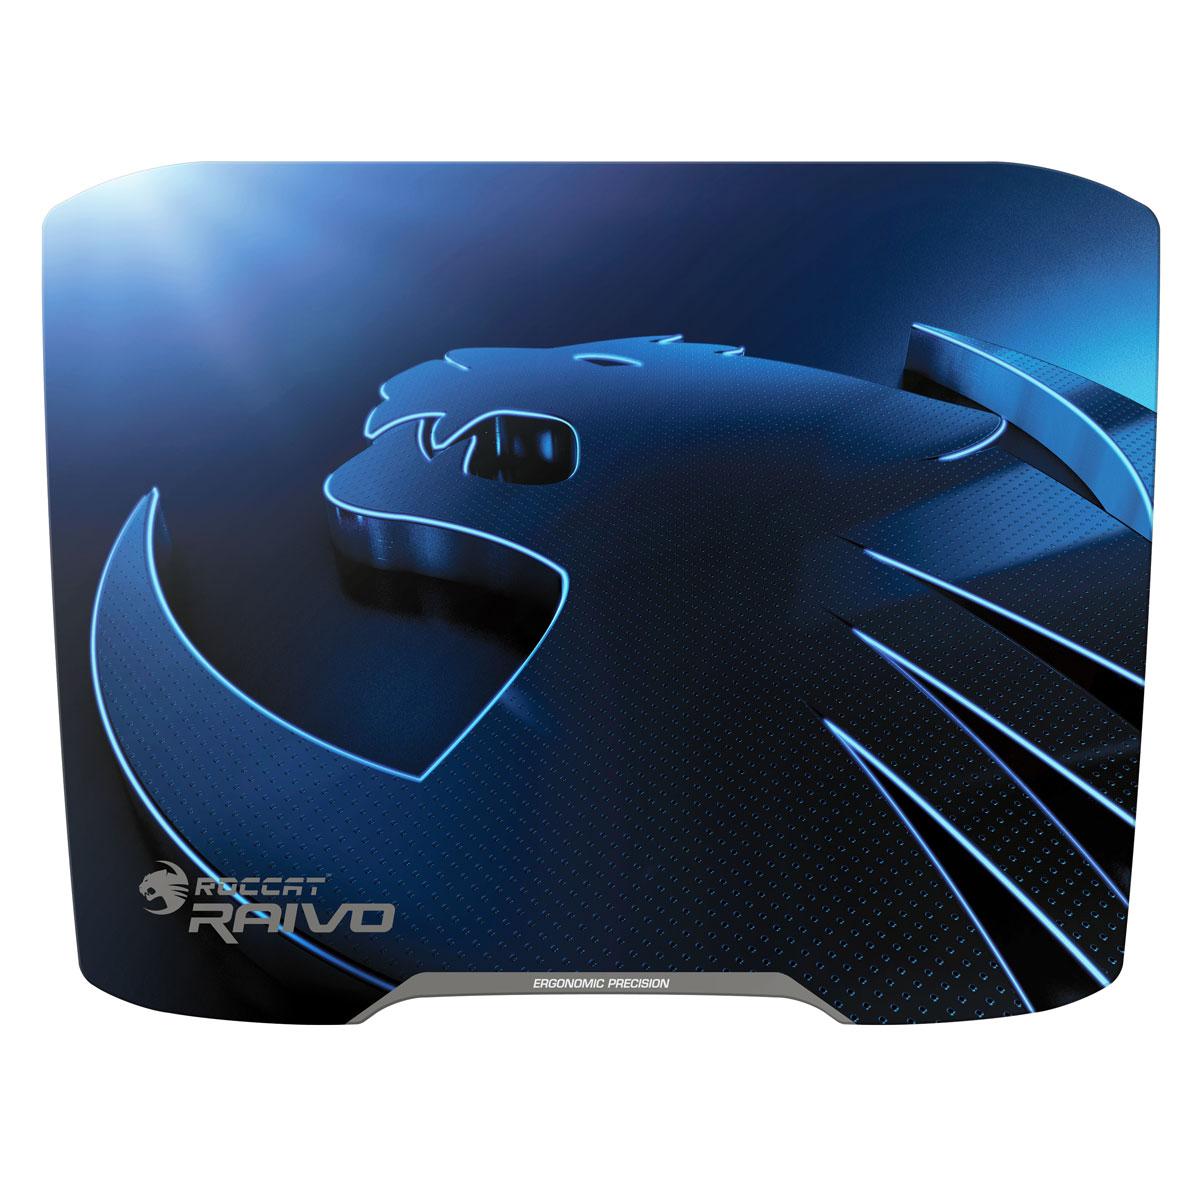 Podkładka pod mysz Roccat Raivo Lightning Blue @RtvEuroAgd